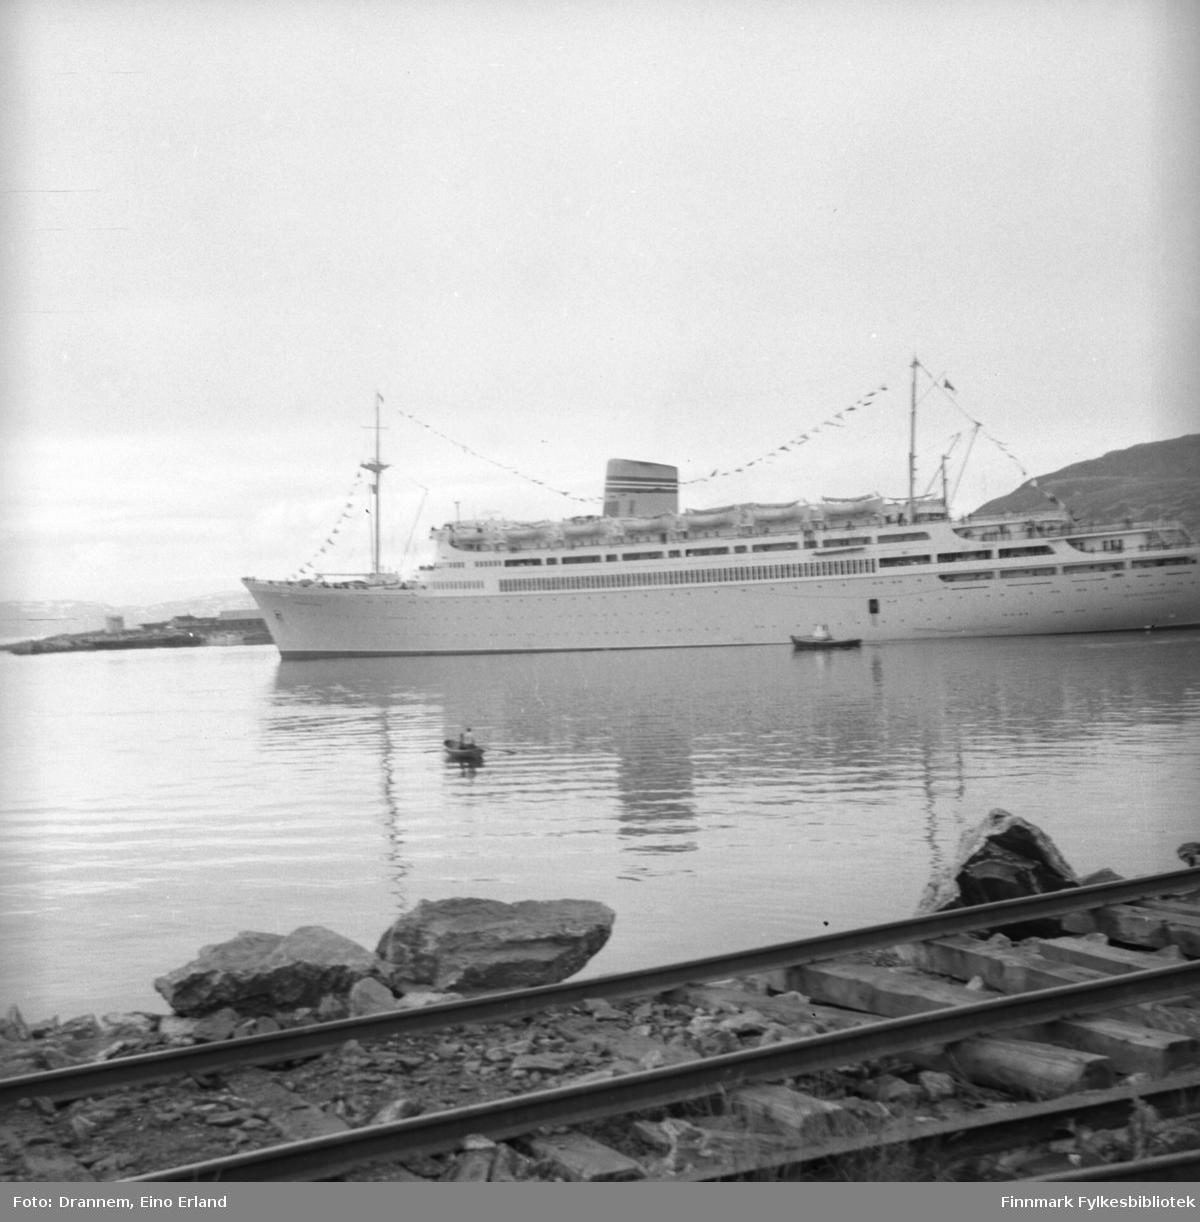 Et av NALs (Den Norske Amerikalinjen) skip på Nord-Norgescruise, 'Bergensfjord' ved Hammerfest havn